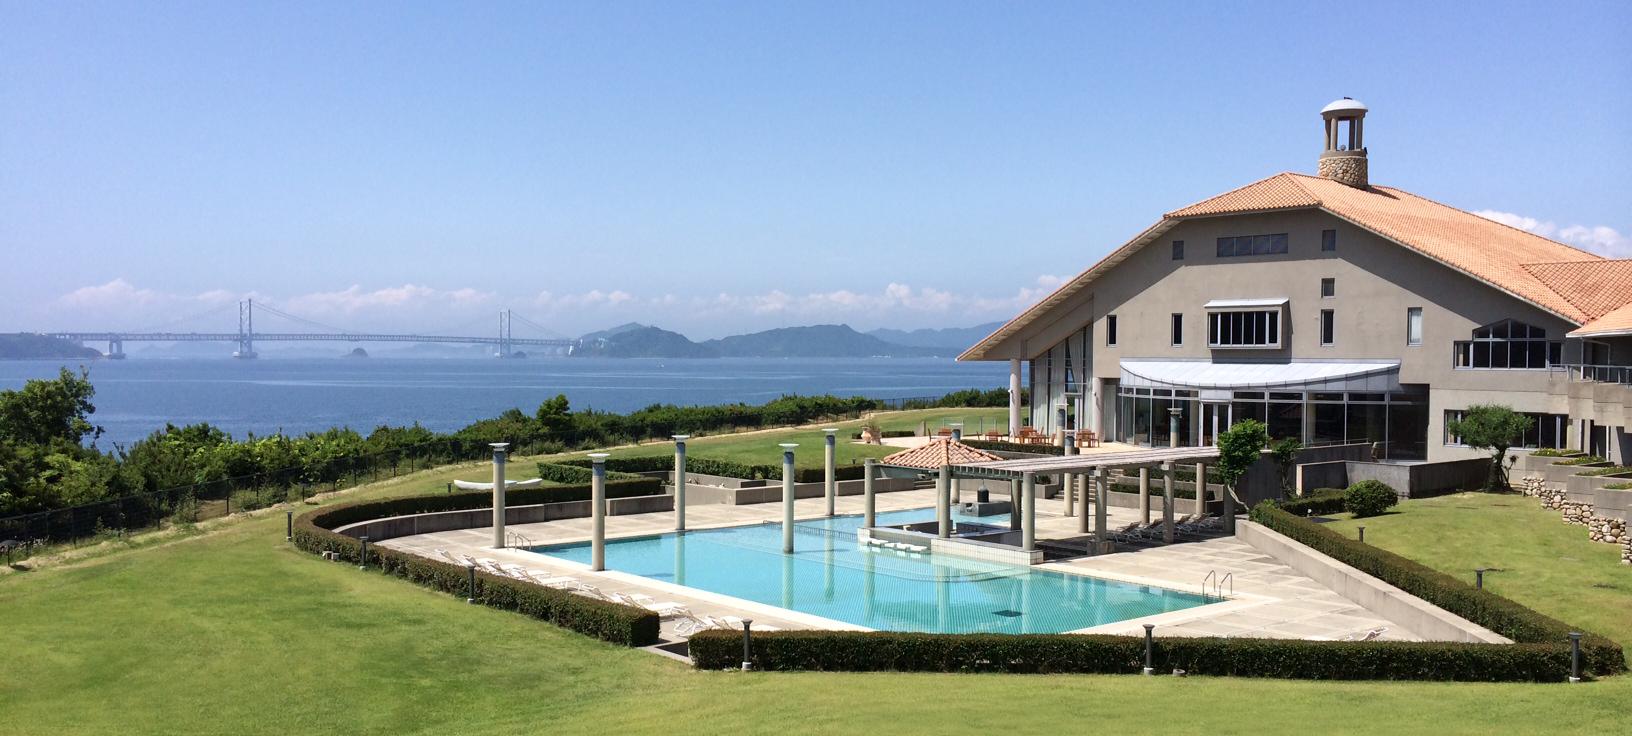 ホテルアナガと2つのレストランが「ミシュランガイド 兵庫 2016 特別版」へ掲載決定!